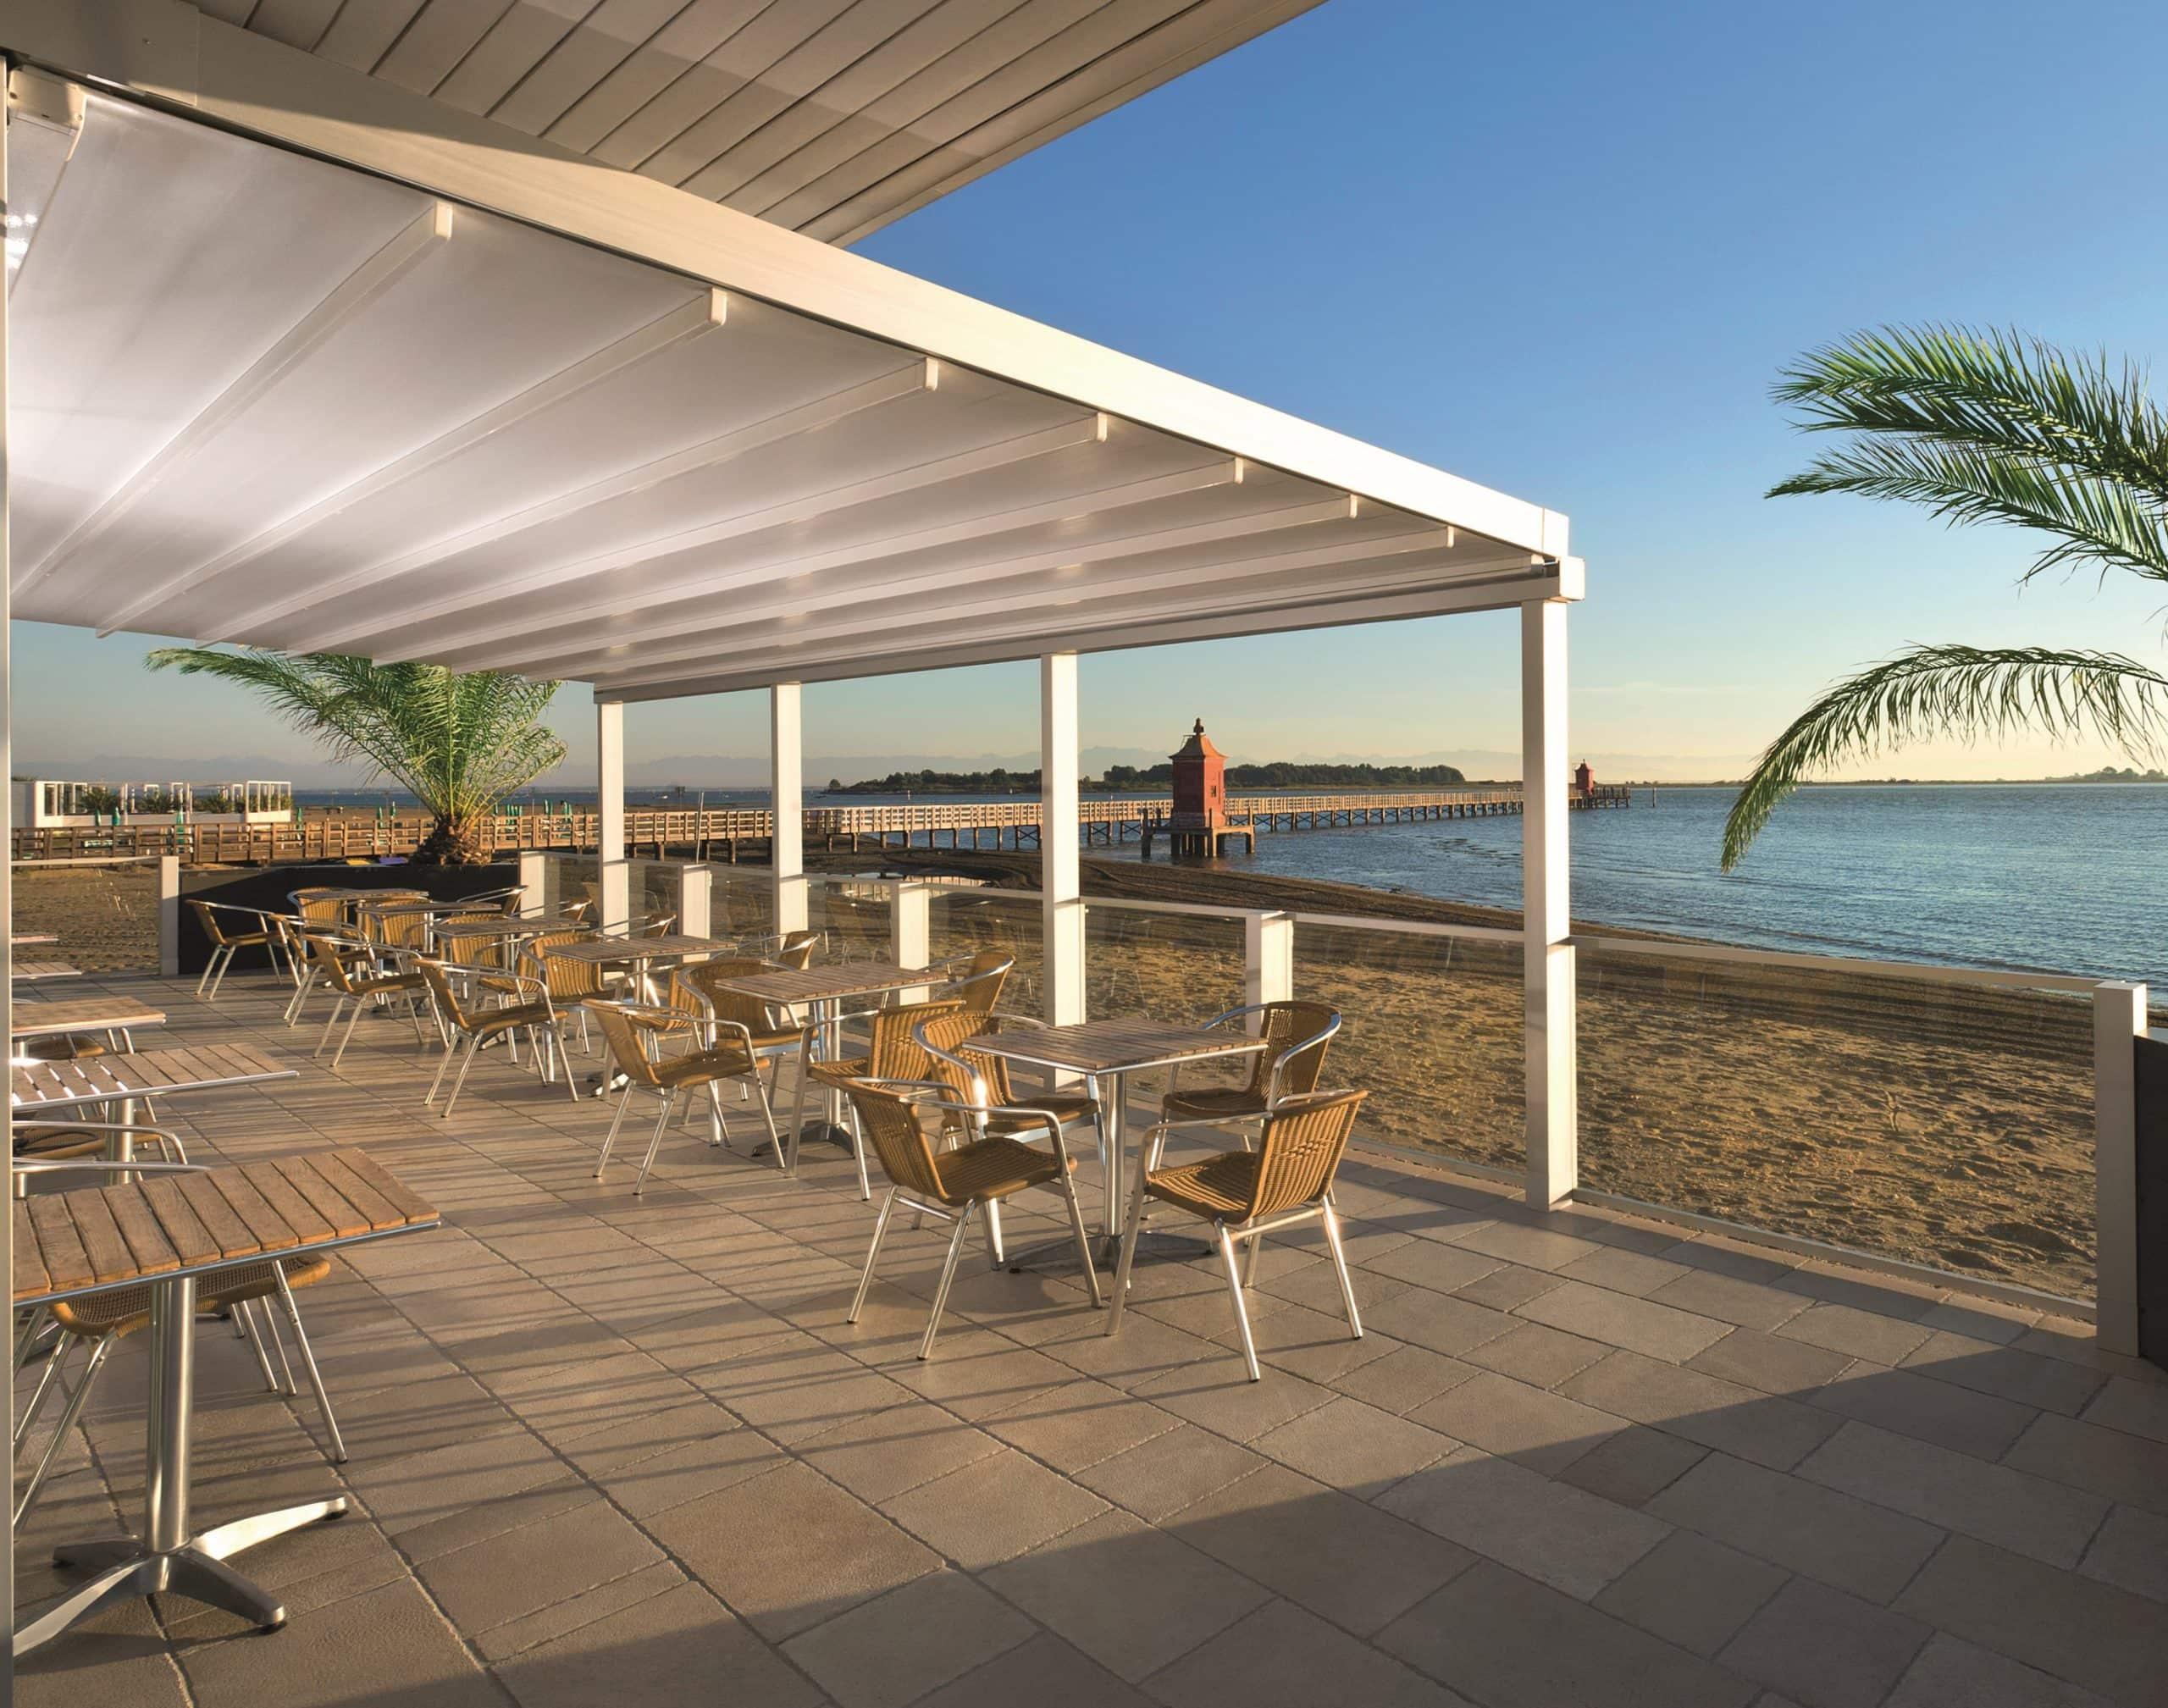 Lourve roof systems - aluminium solar shading shelter